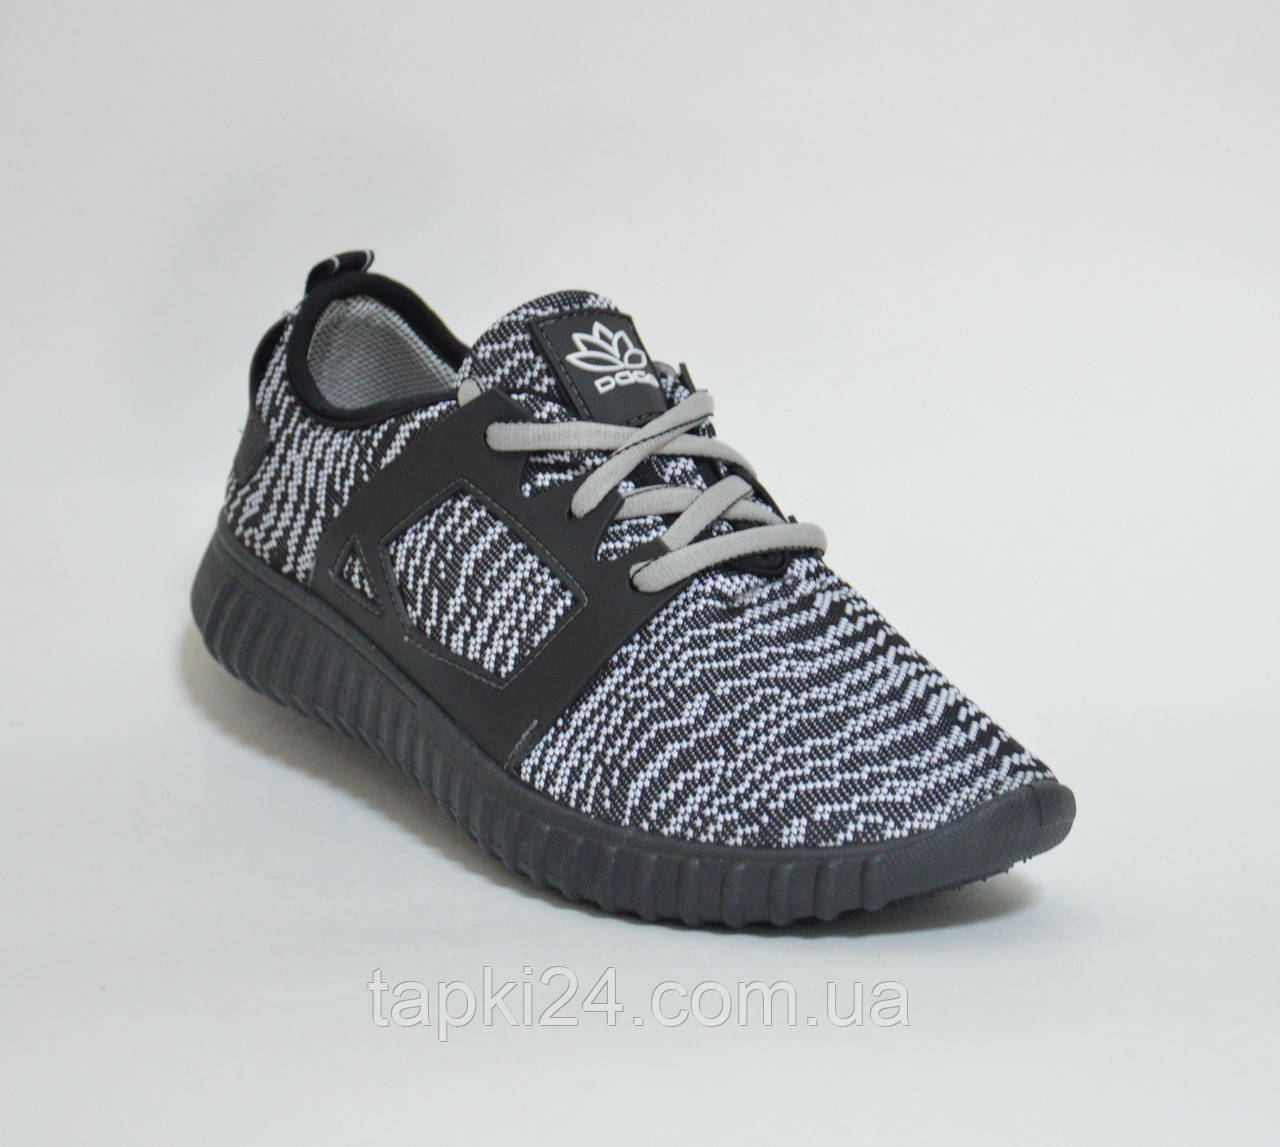 619b70c4 Кроссовки мужские серые Dago 9004 - Обувь оптом от производителя tapki24 в  Хмельницком